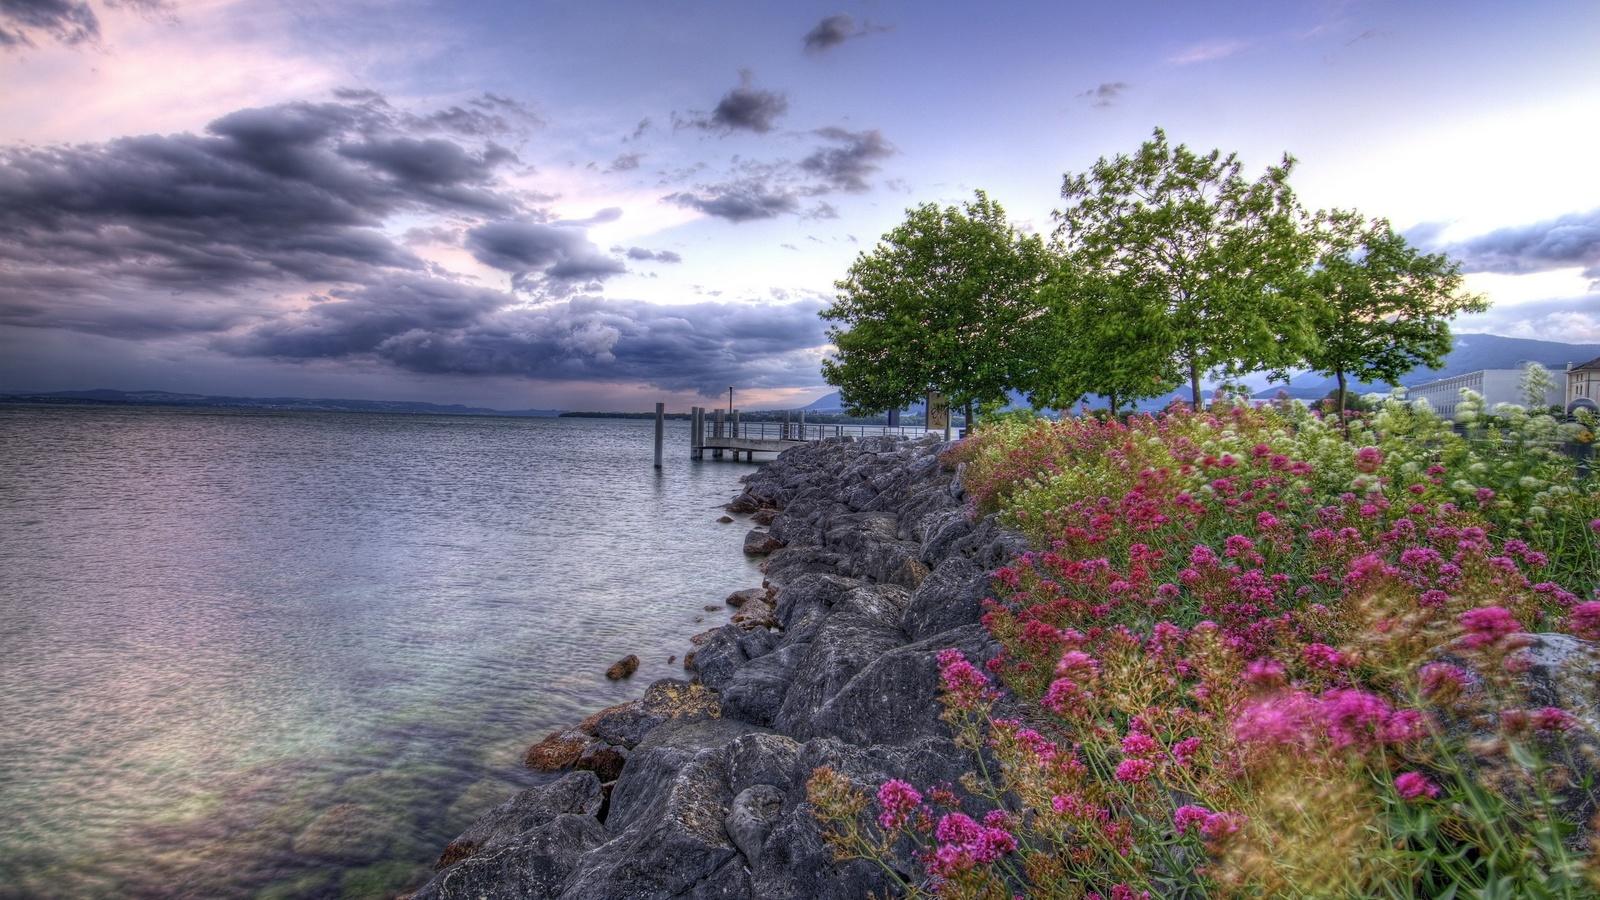 цветы, скалы, пирс, озеро, деревья